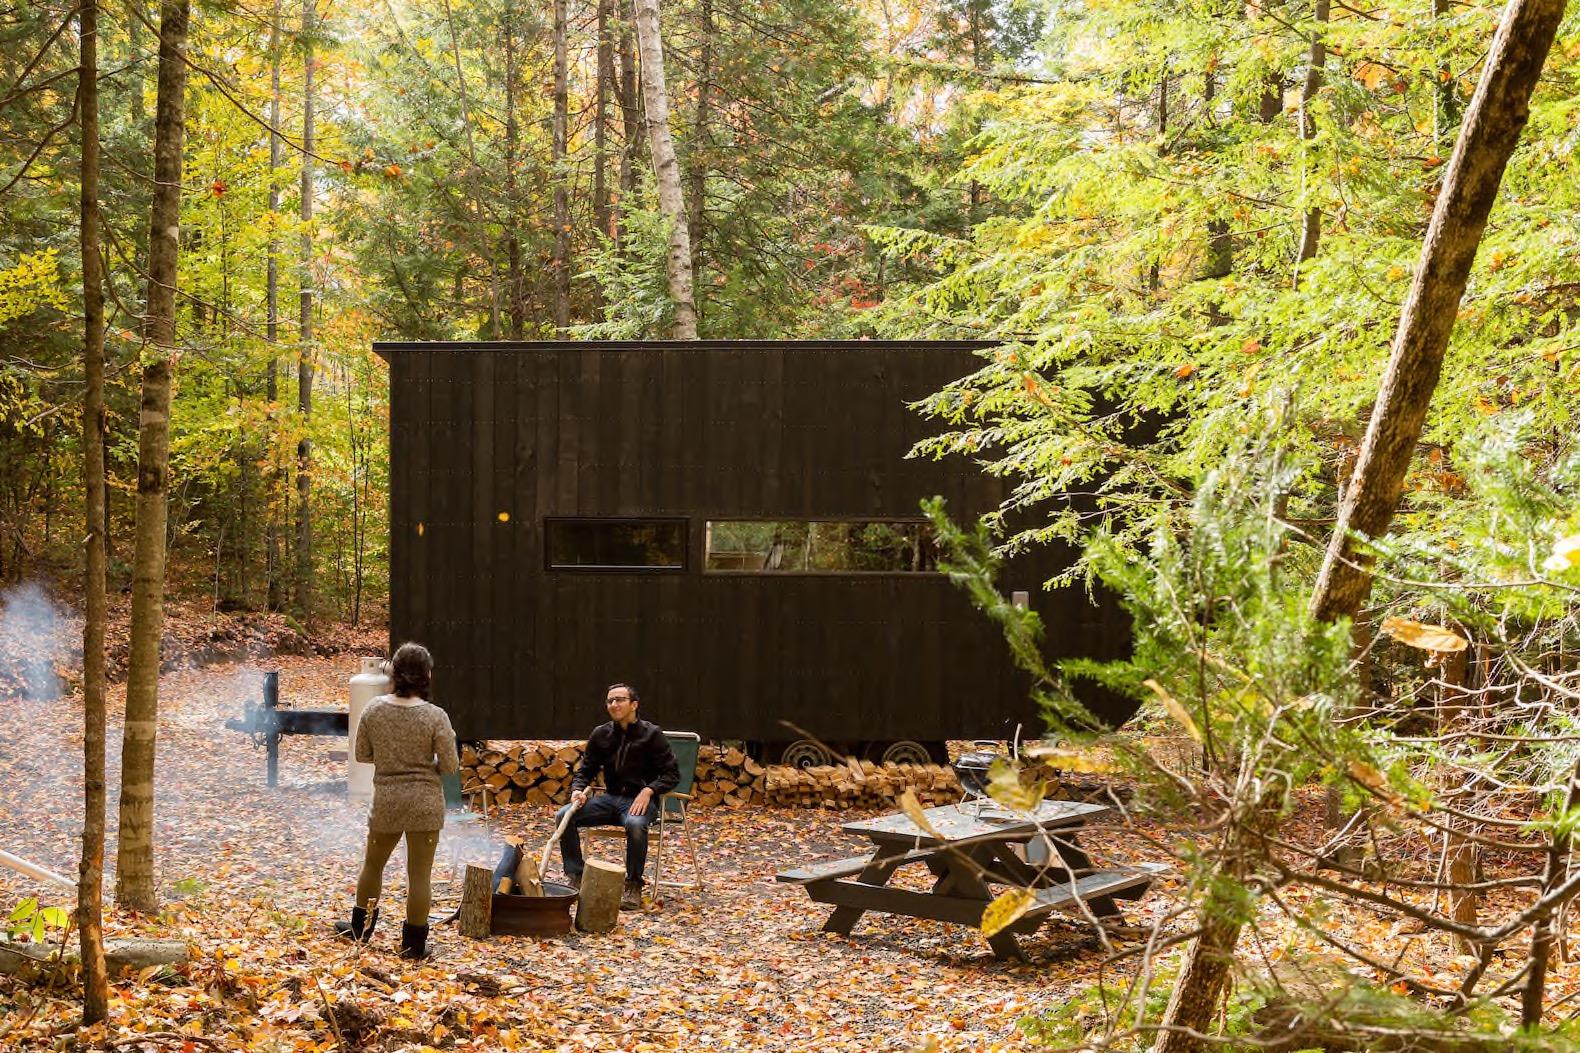 Minicase nascoste nei boschi per spegnere il cellulare Getawaycabins com